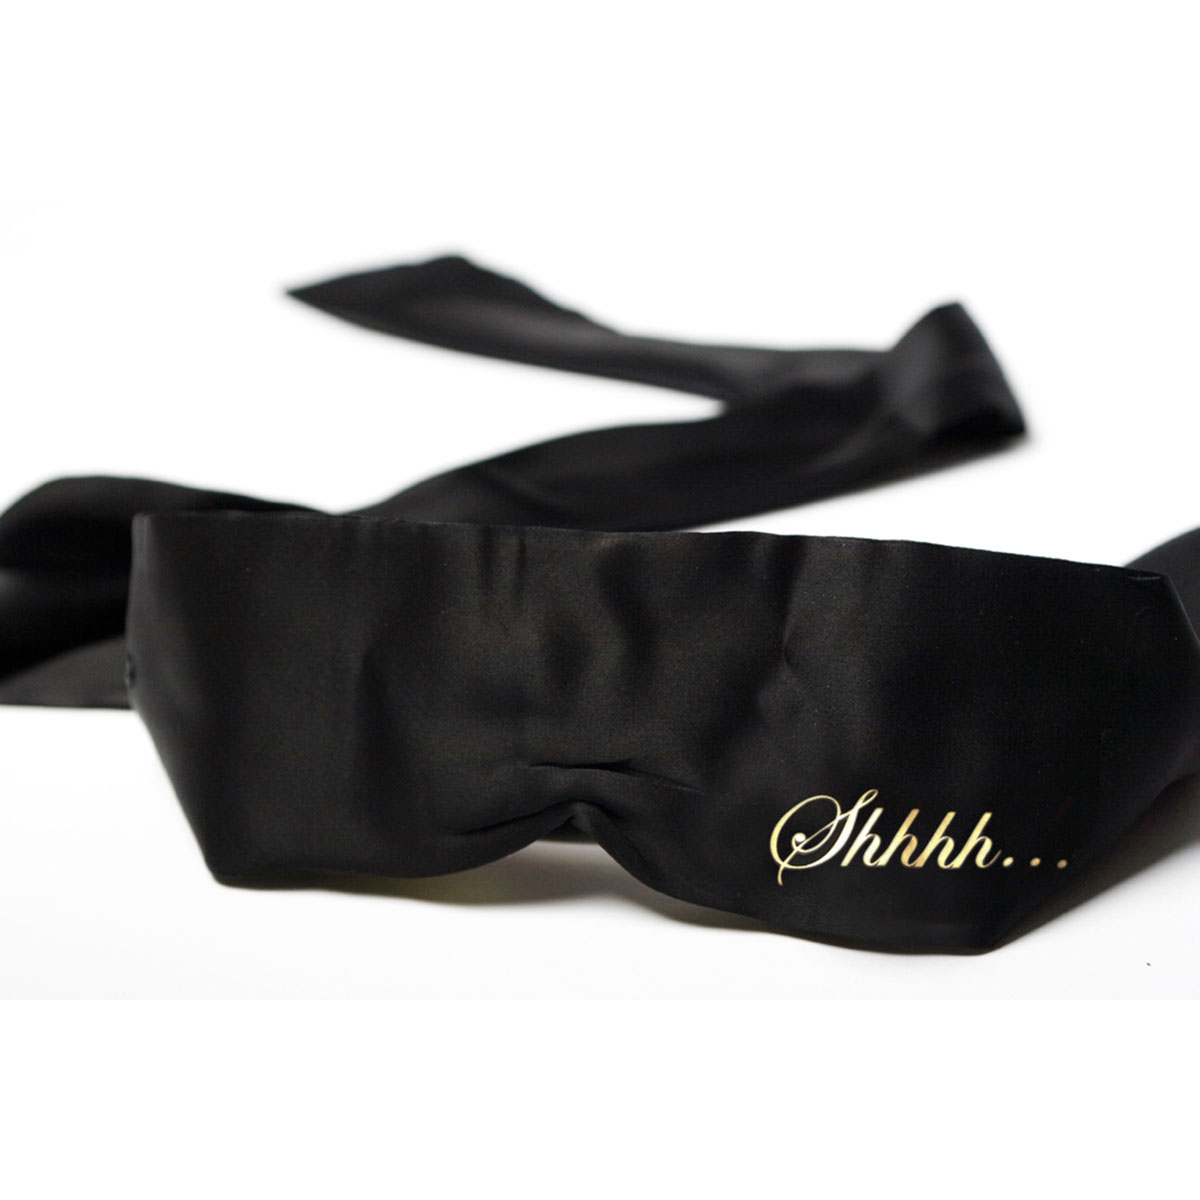 shhh-satin-blindfold.jpg